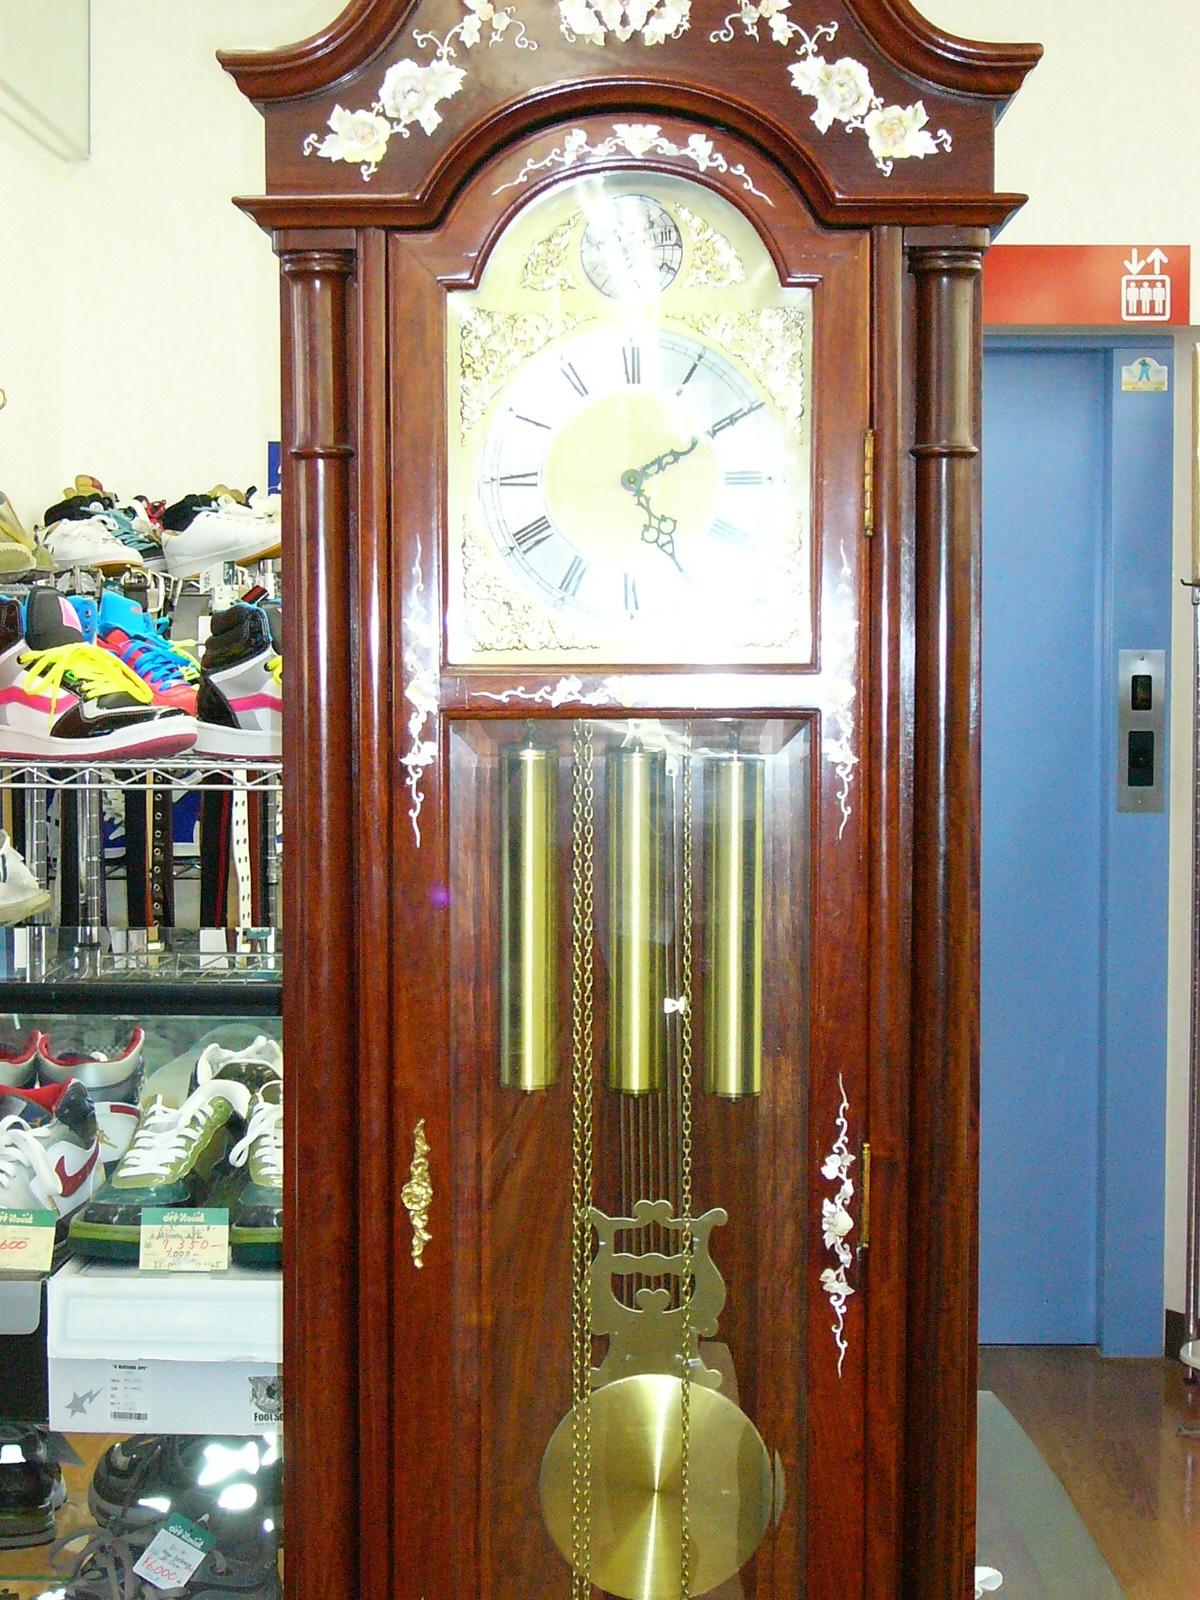 HERMLE置時計買取|名古屋の出張買取ならオフハウス西尾